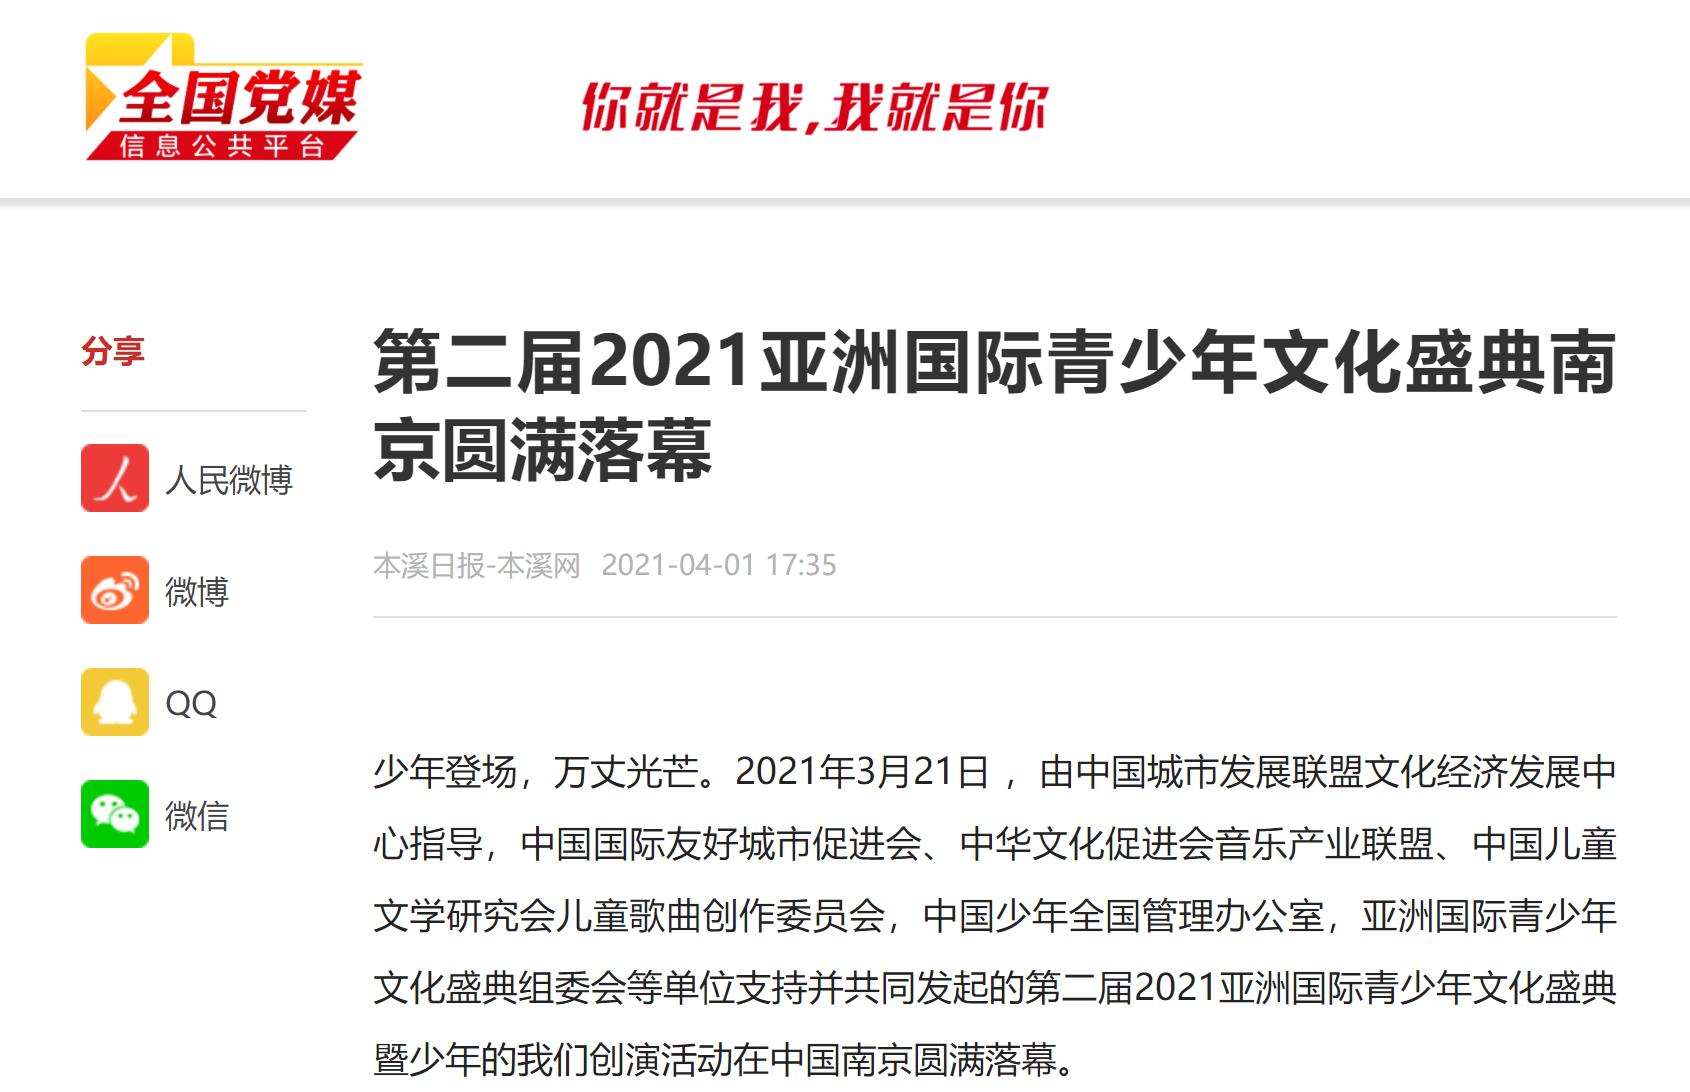 亚洲国际青少年文化盛典南京圆满落幕活动